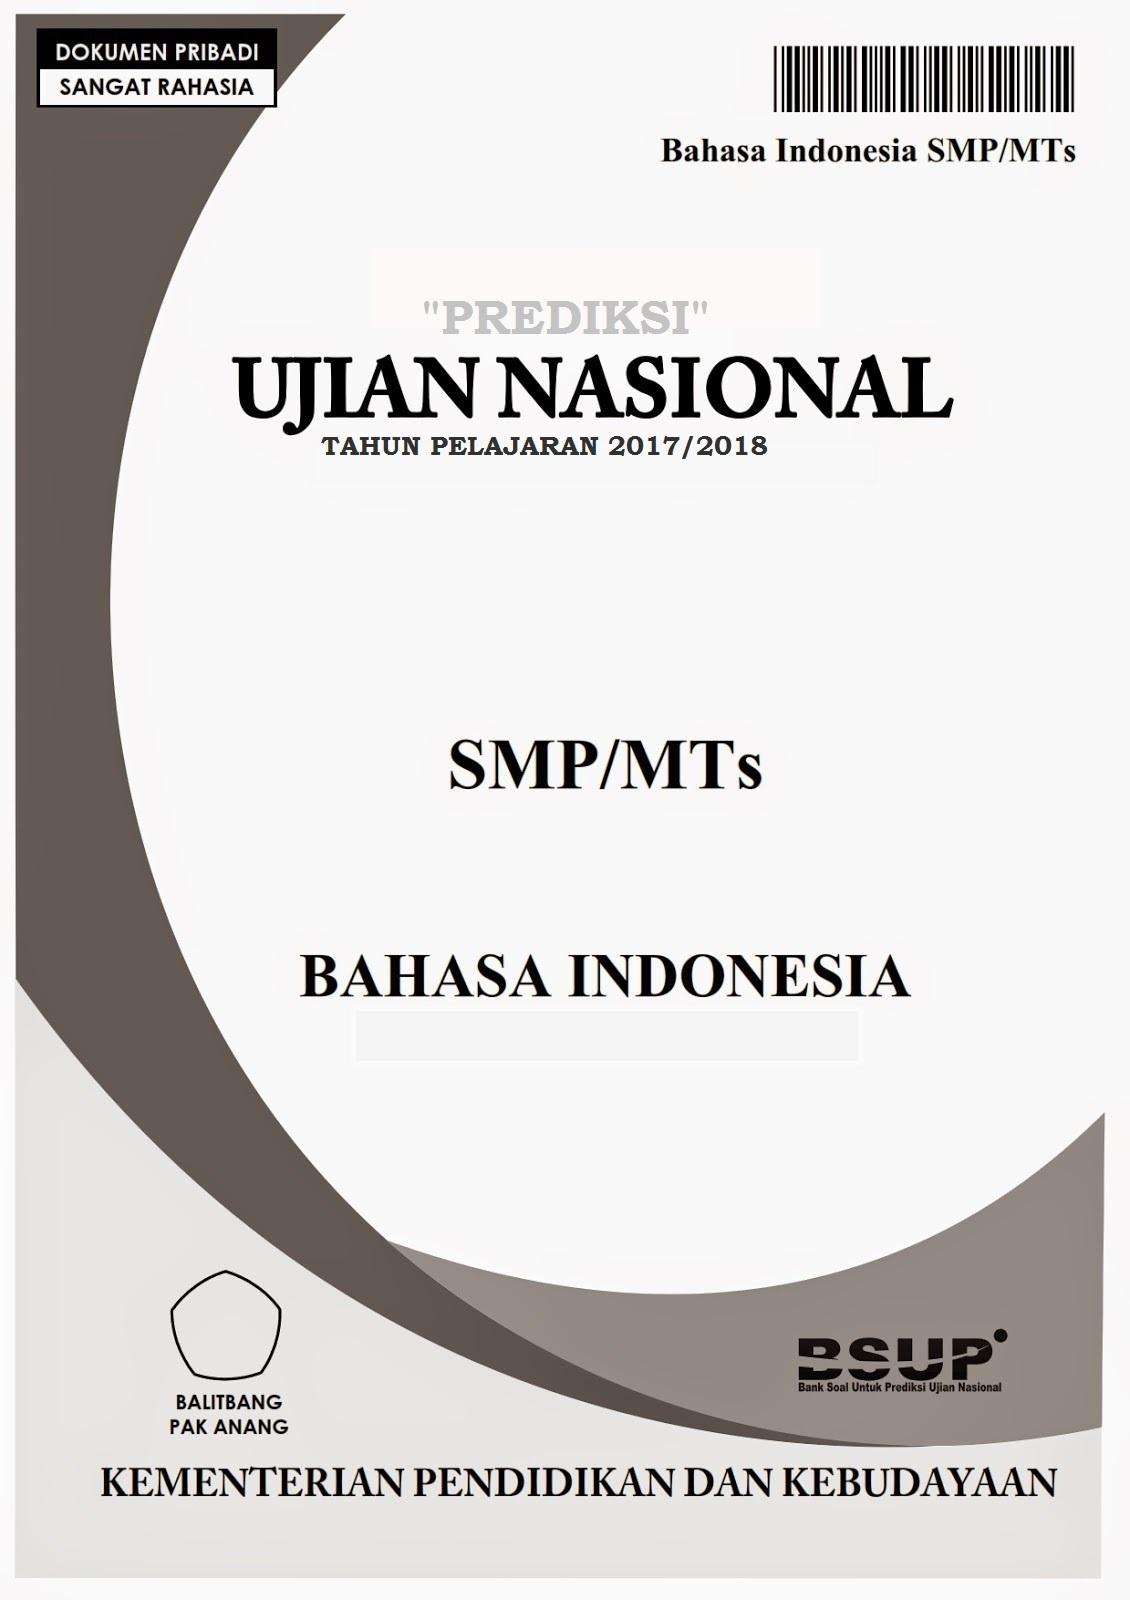 Latihan Unbk Smp Bahasa Indonesia : latihan, bahasa, indonesia, Latihan, Bahasa, Indonesia, SMP/MTs, Beserta, Kunci, Jawaban, JUGAN